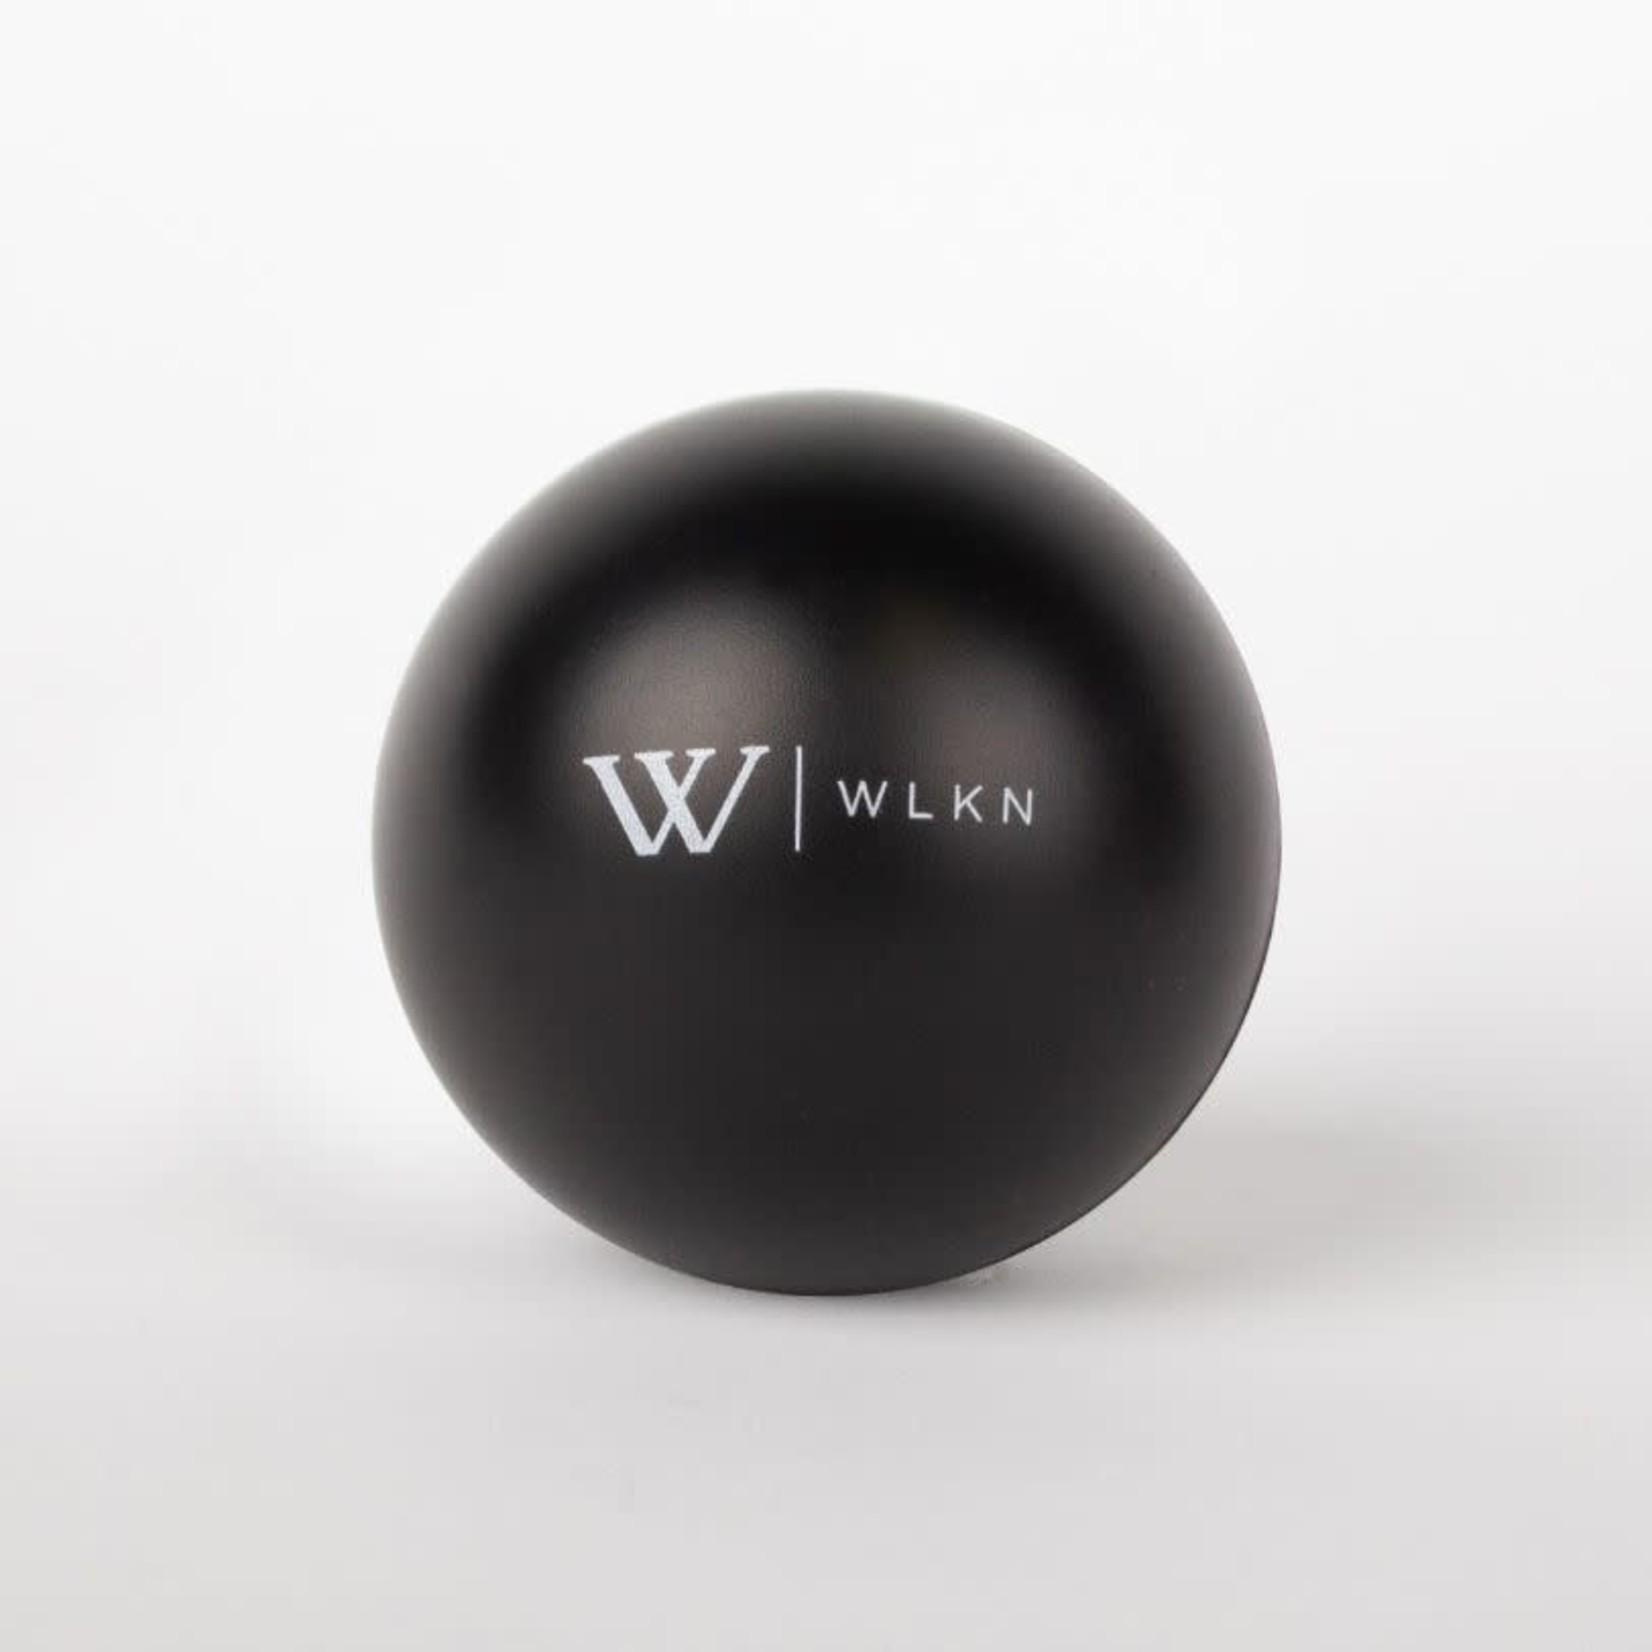 WLKN WLKN : Stress Reliever Ball